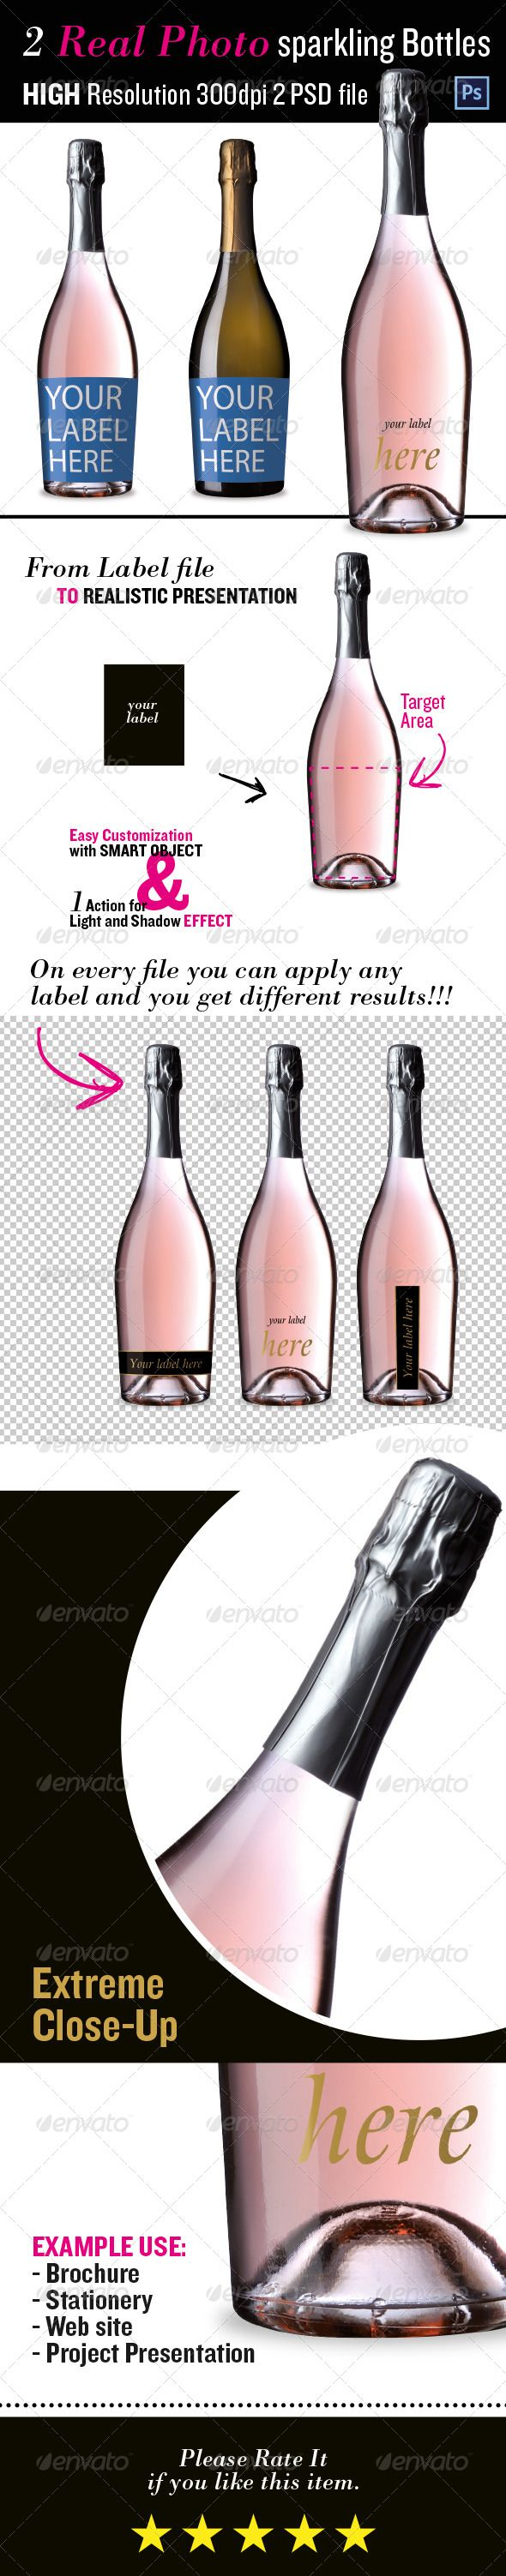 Sparkling Wine Bottles Mockup   #winebottlemockup #mockup   Download: http://graphicriver.net/item/sparkling-wine-bottles-mock-up/8742548?ref=ksioks